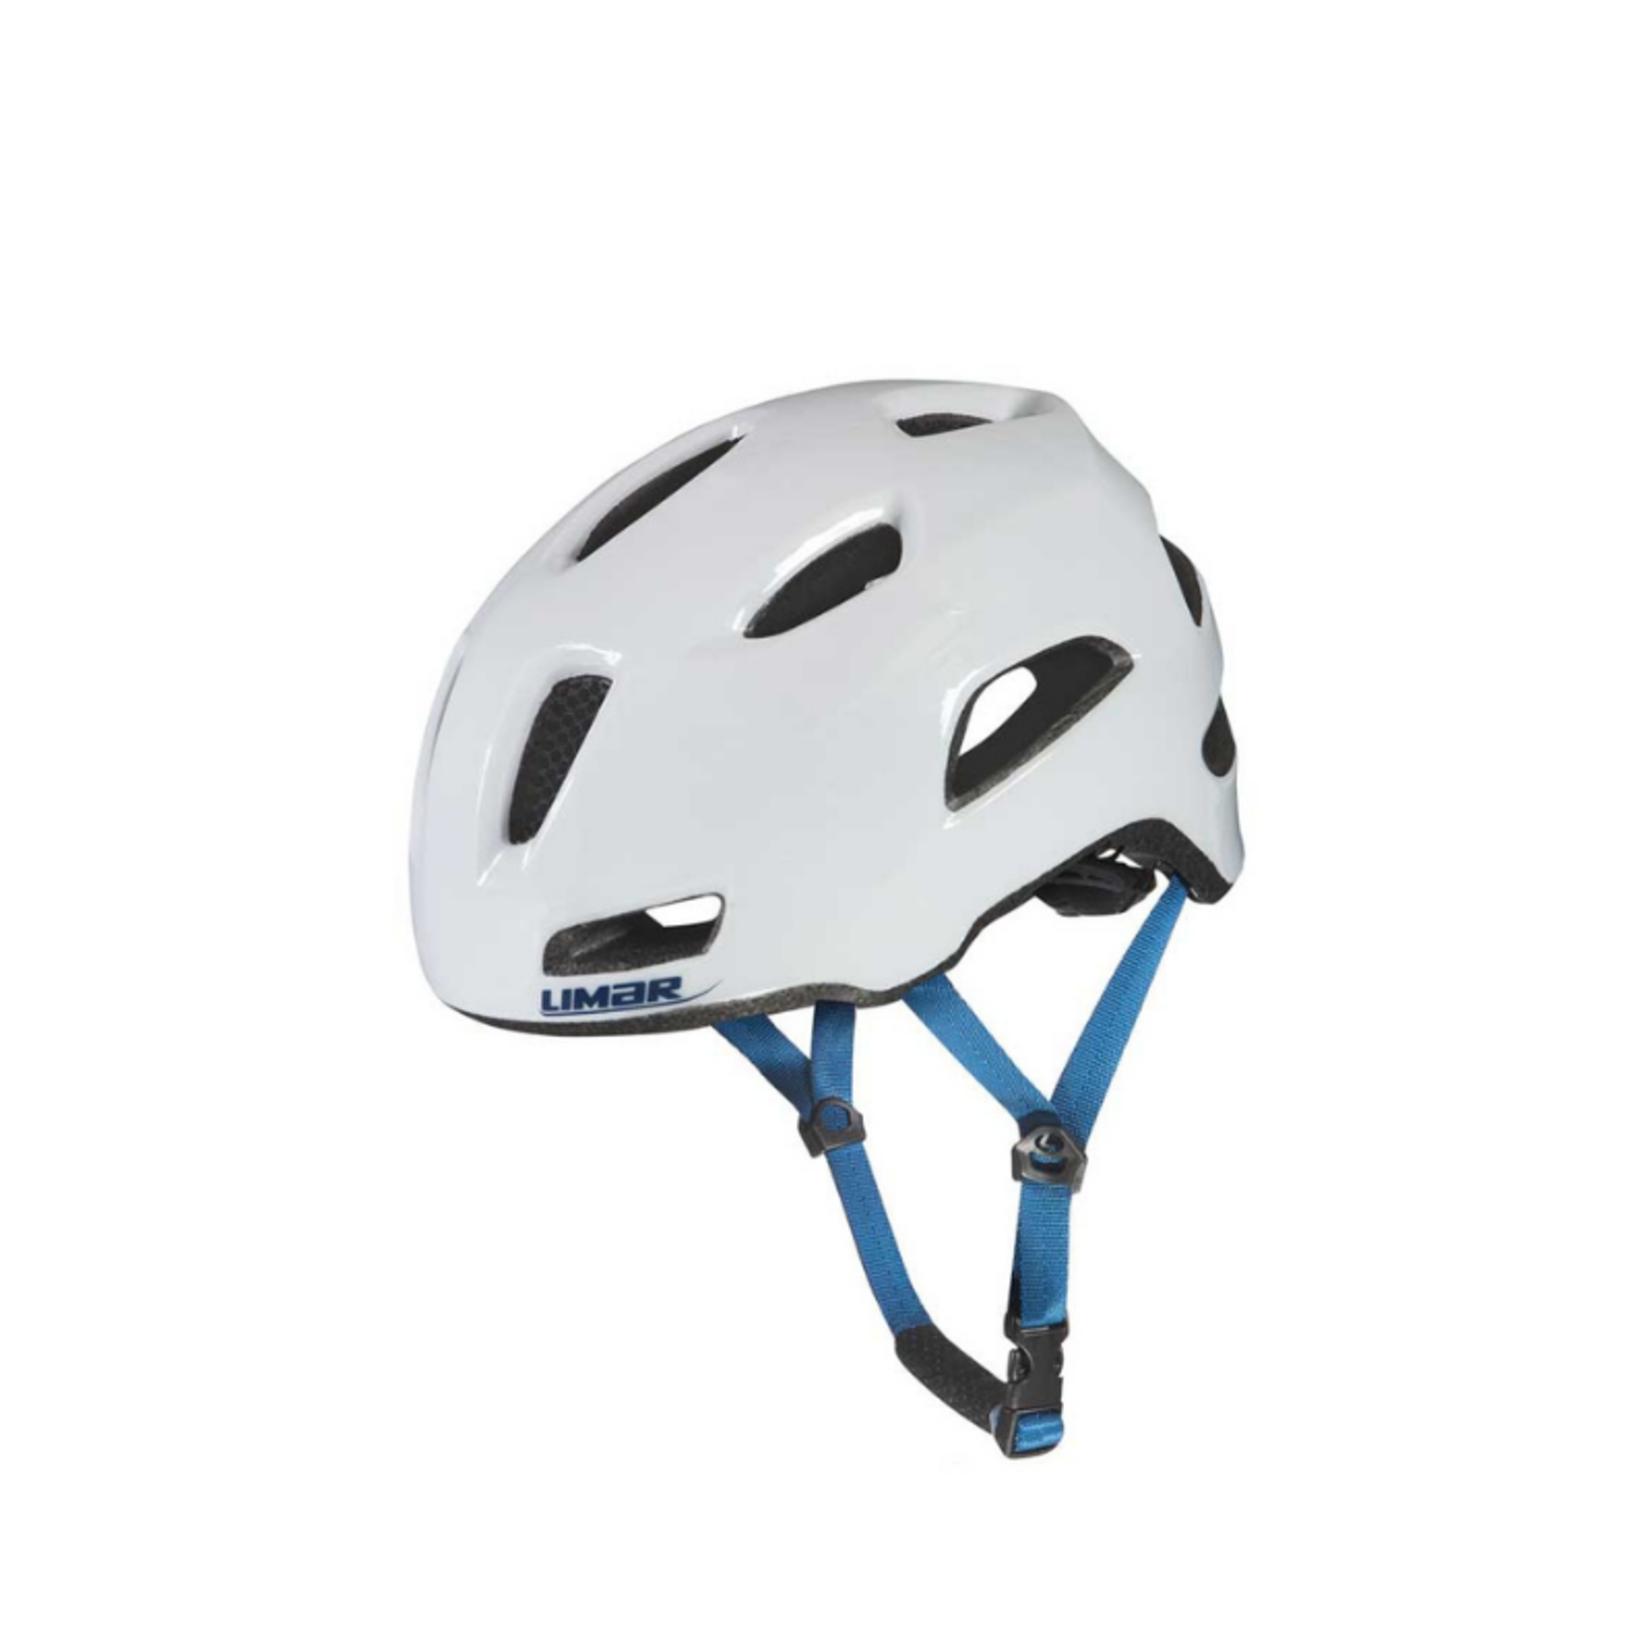 Limar Ciao Helmet